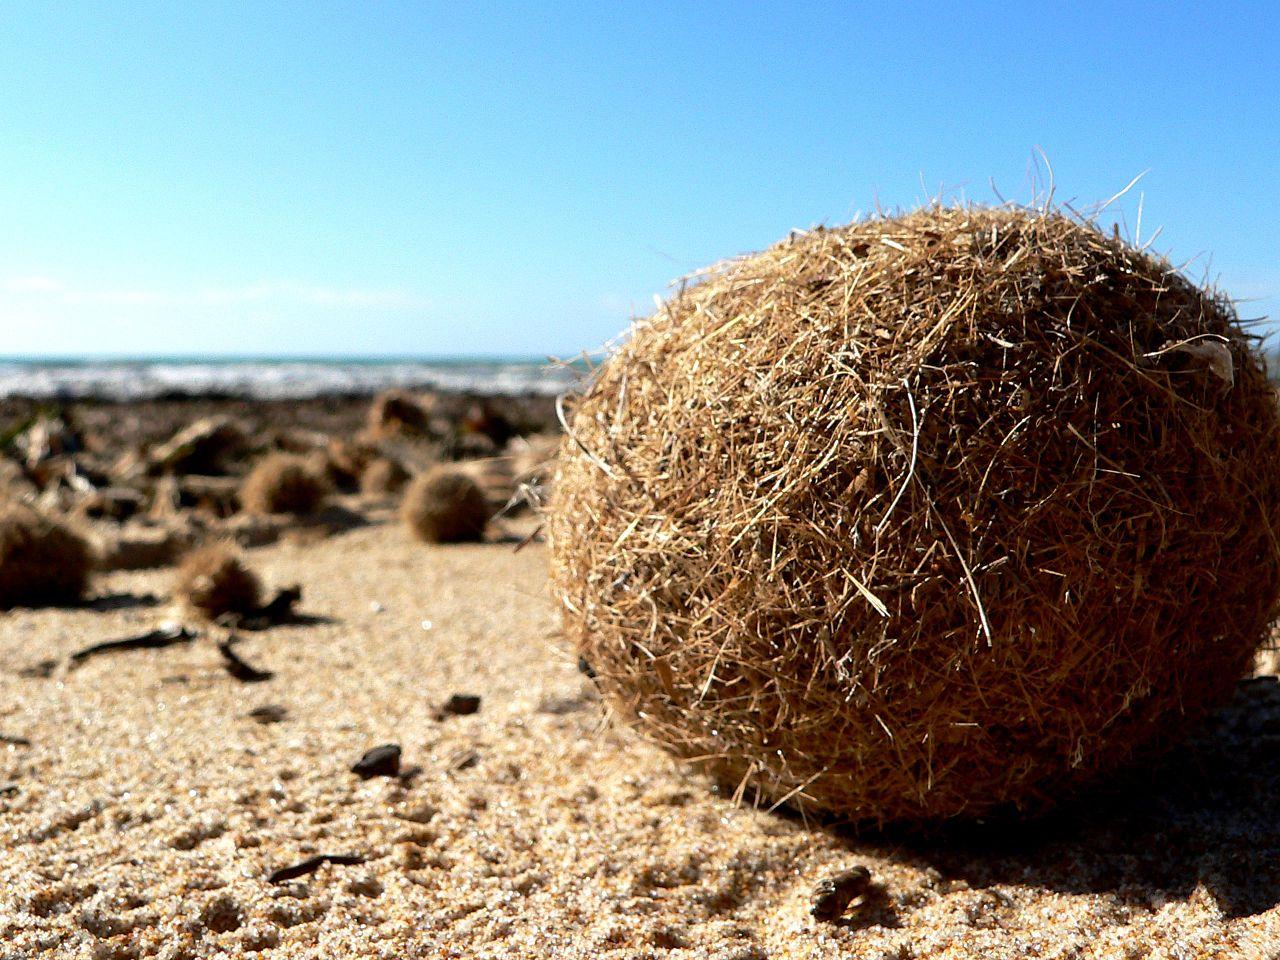 Эти шары из <i>Posedonia oceanica</i> захватывают пластик ивыносят его наберег.